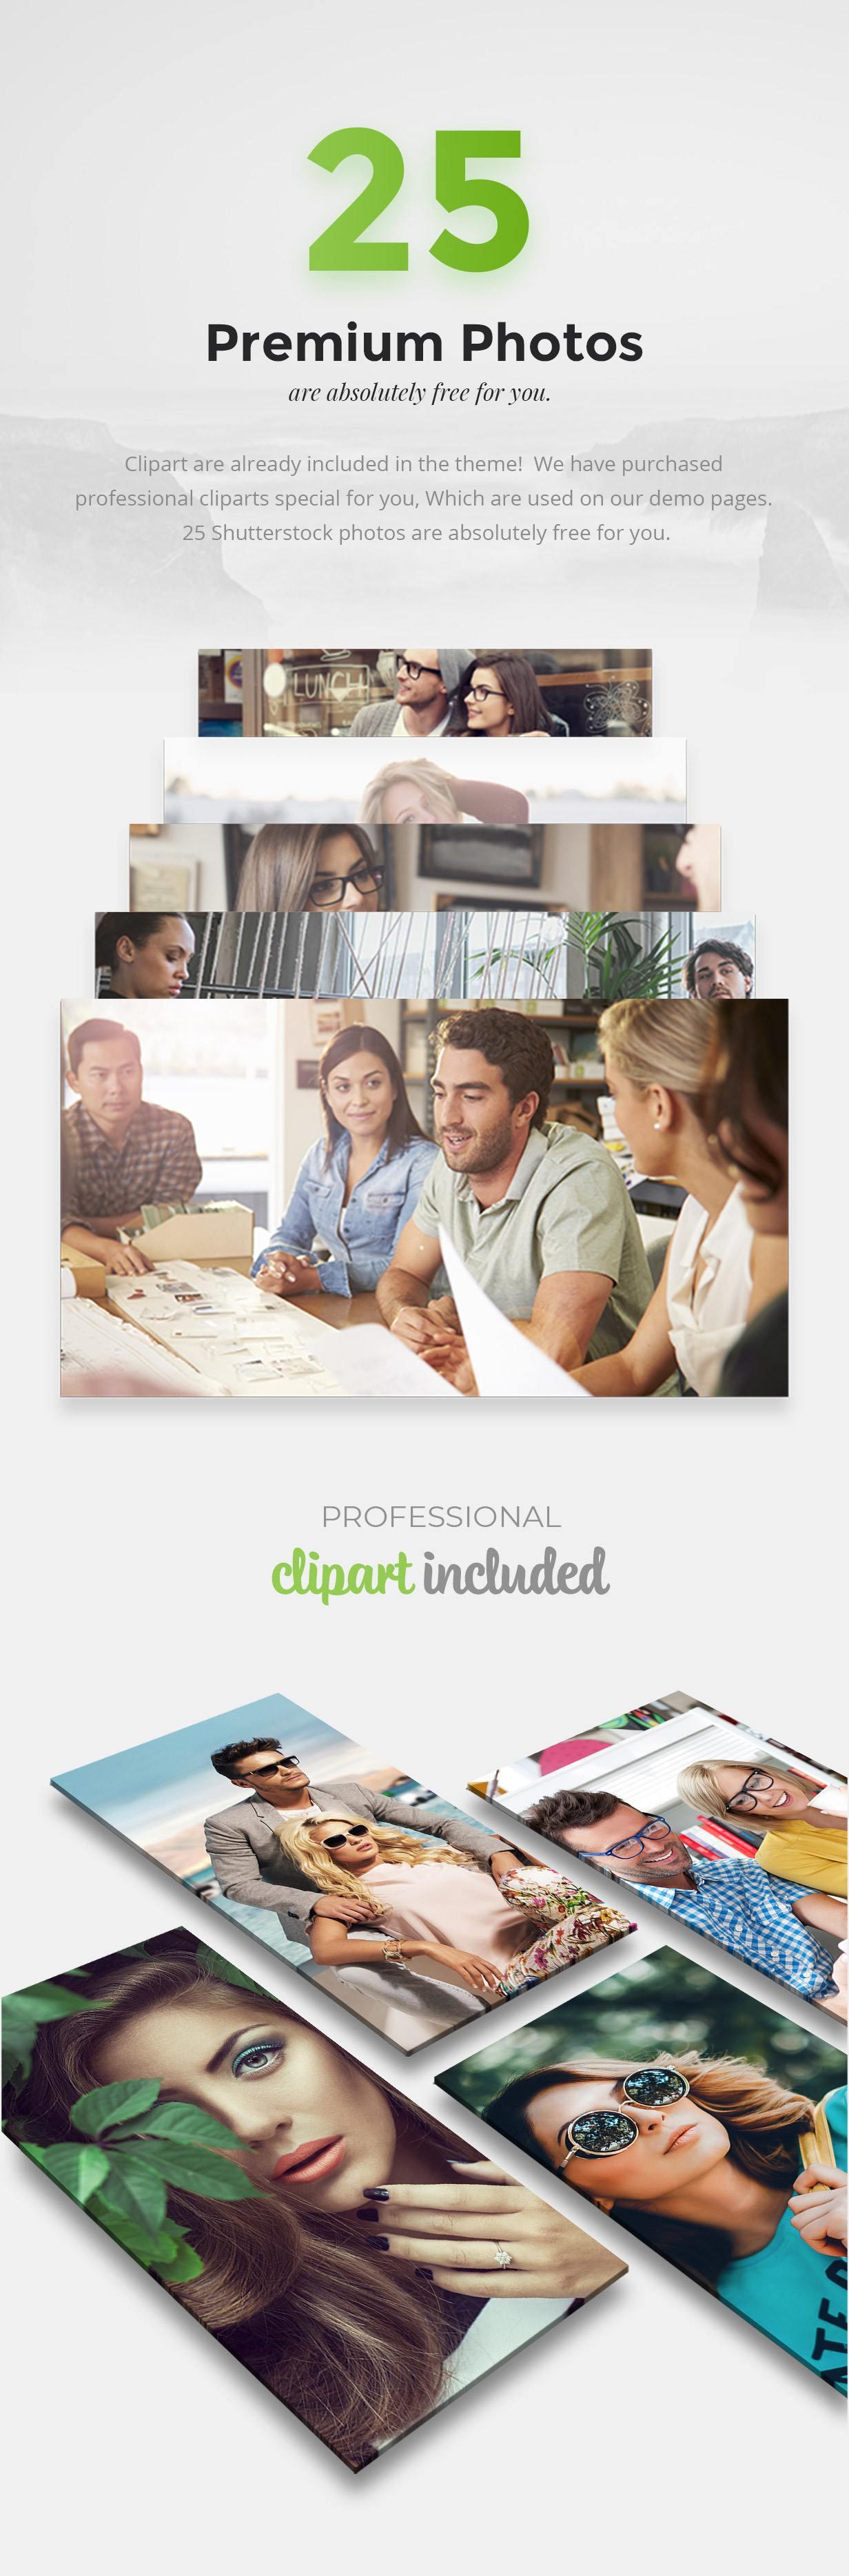 25 cliparts como imagens incluídas no tema do guindaste